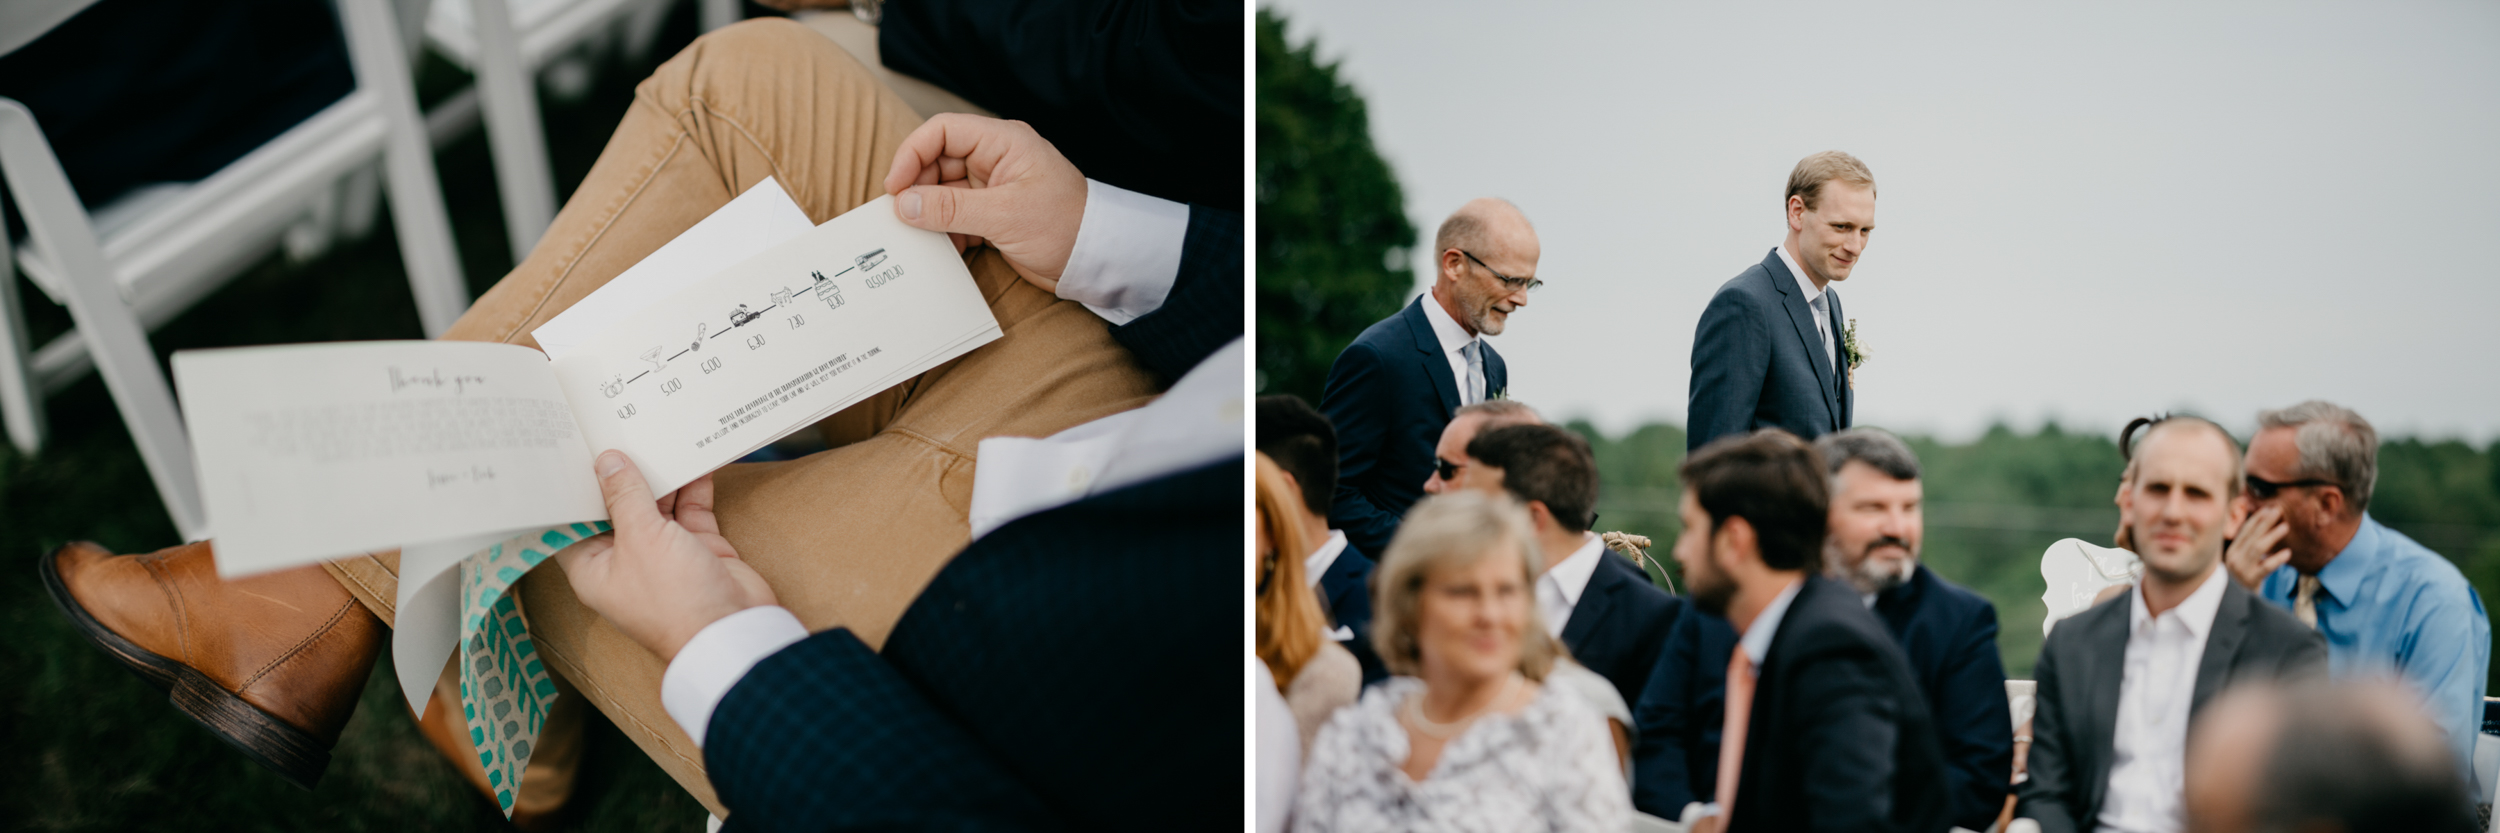 Jessie_Erik_Pownal_Maine_Wedding_William_allen_farm_026.jpg